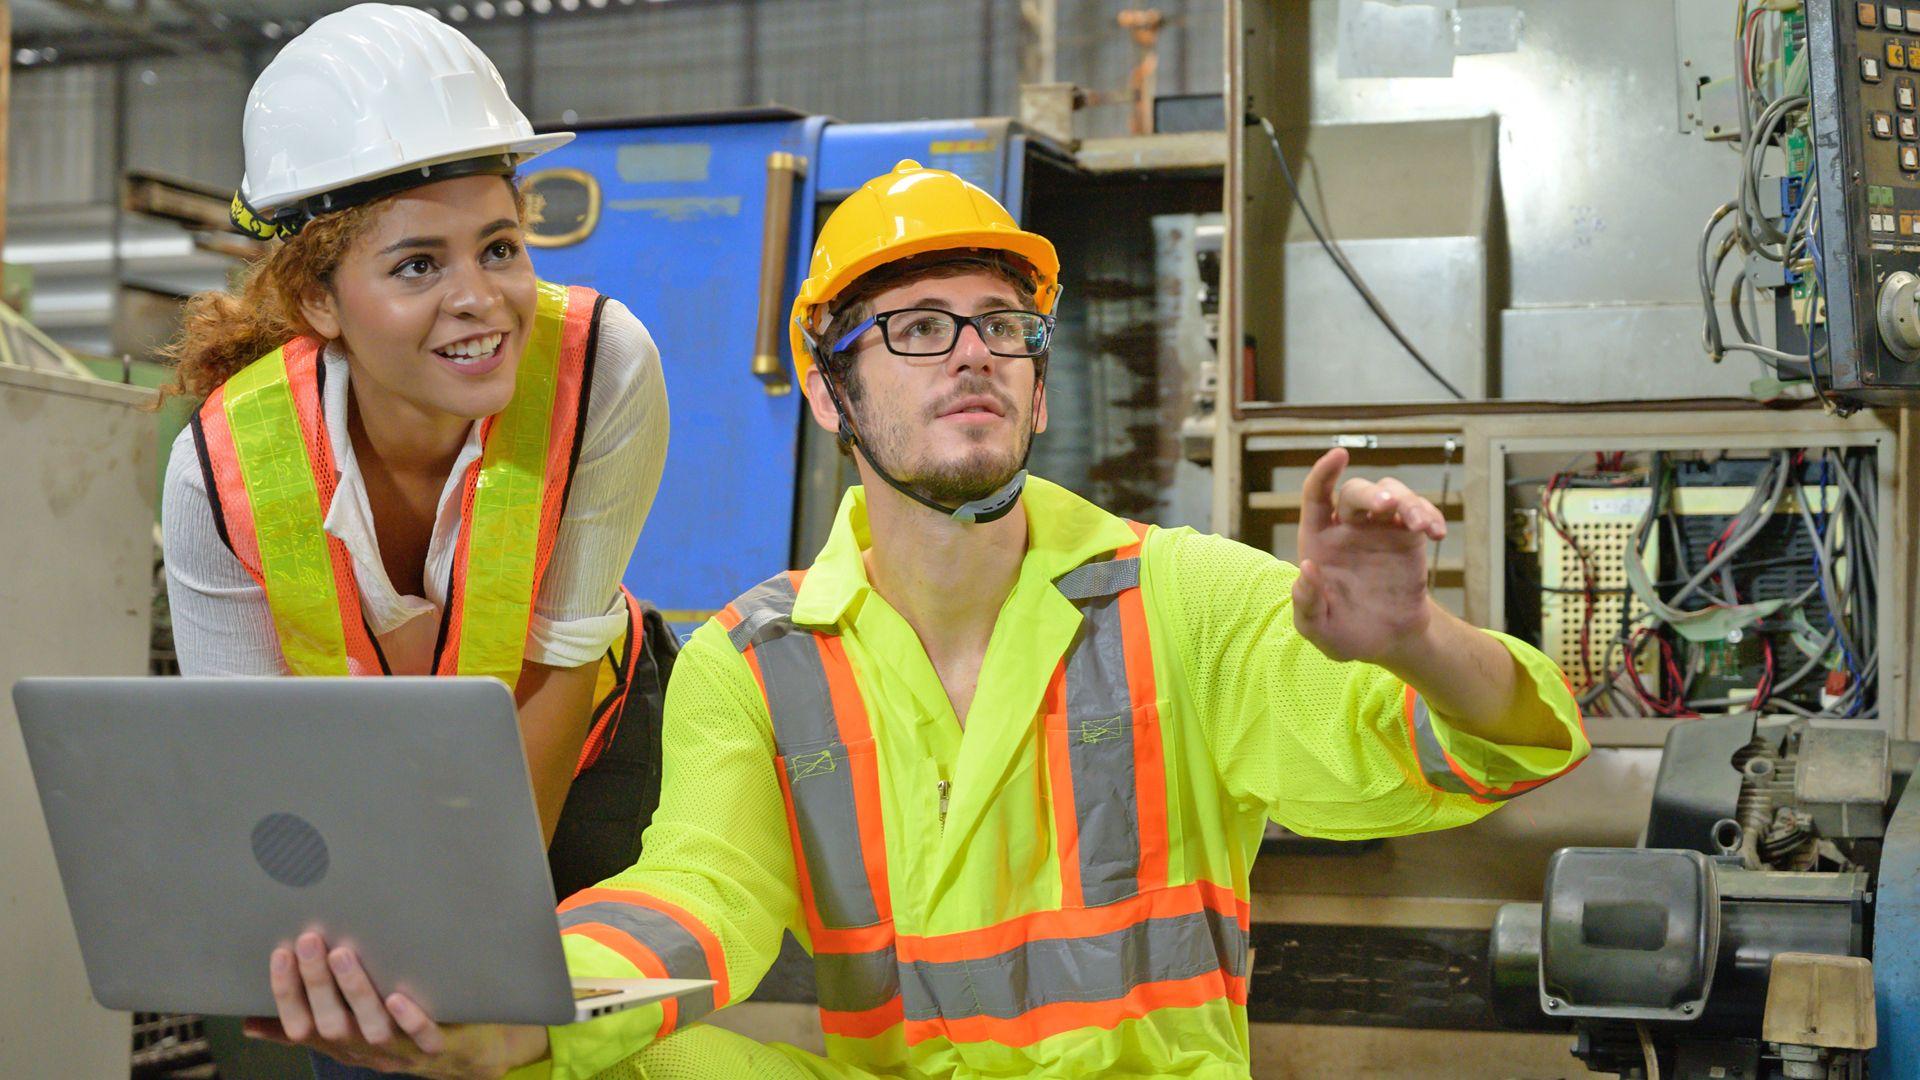 Shop Floor workers collaborating